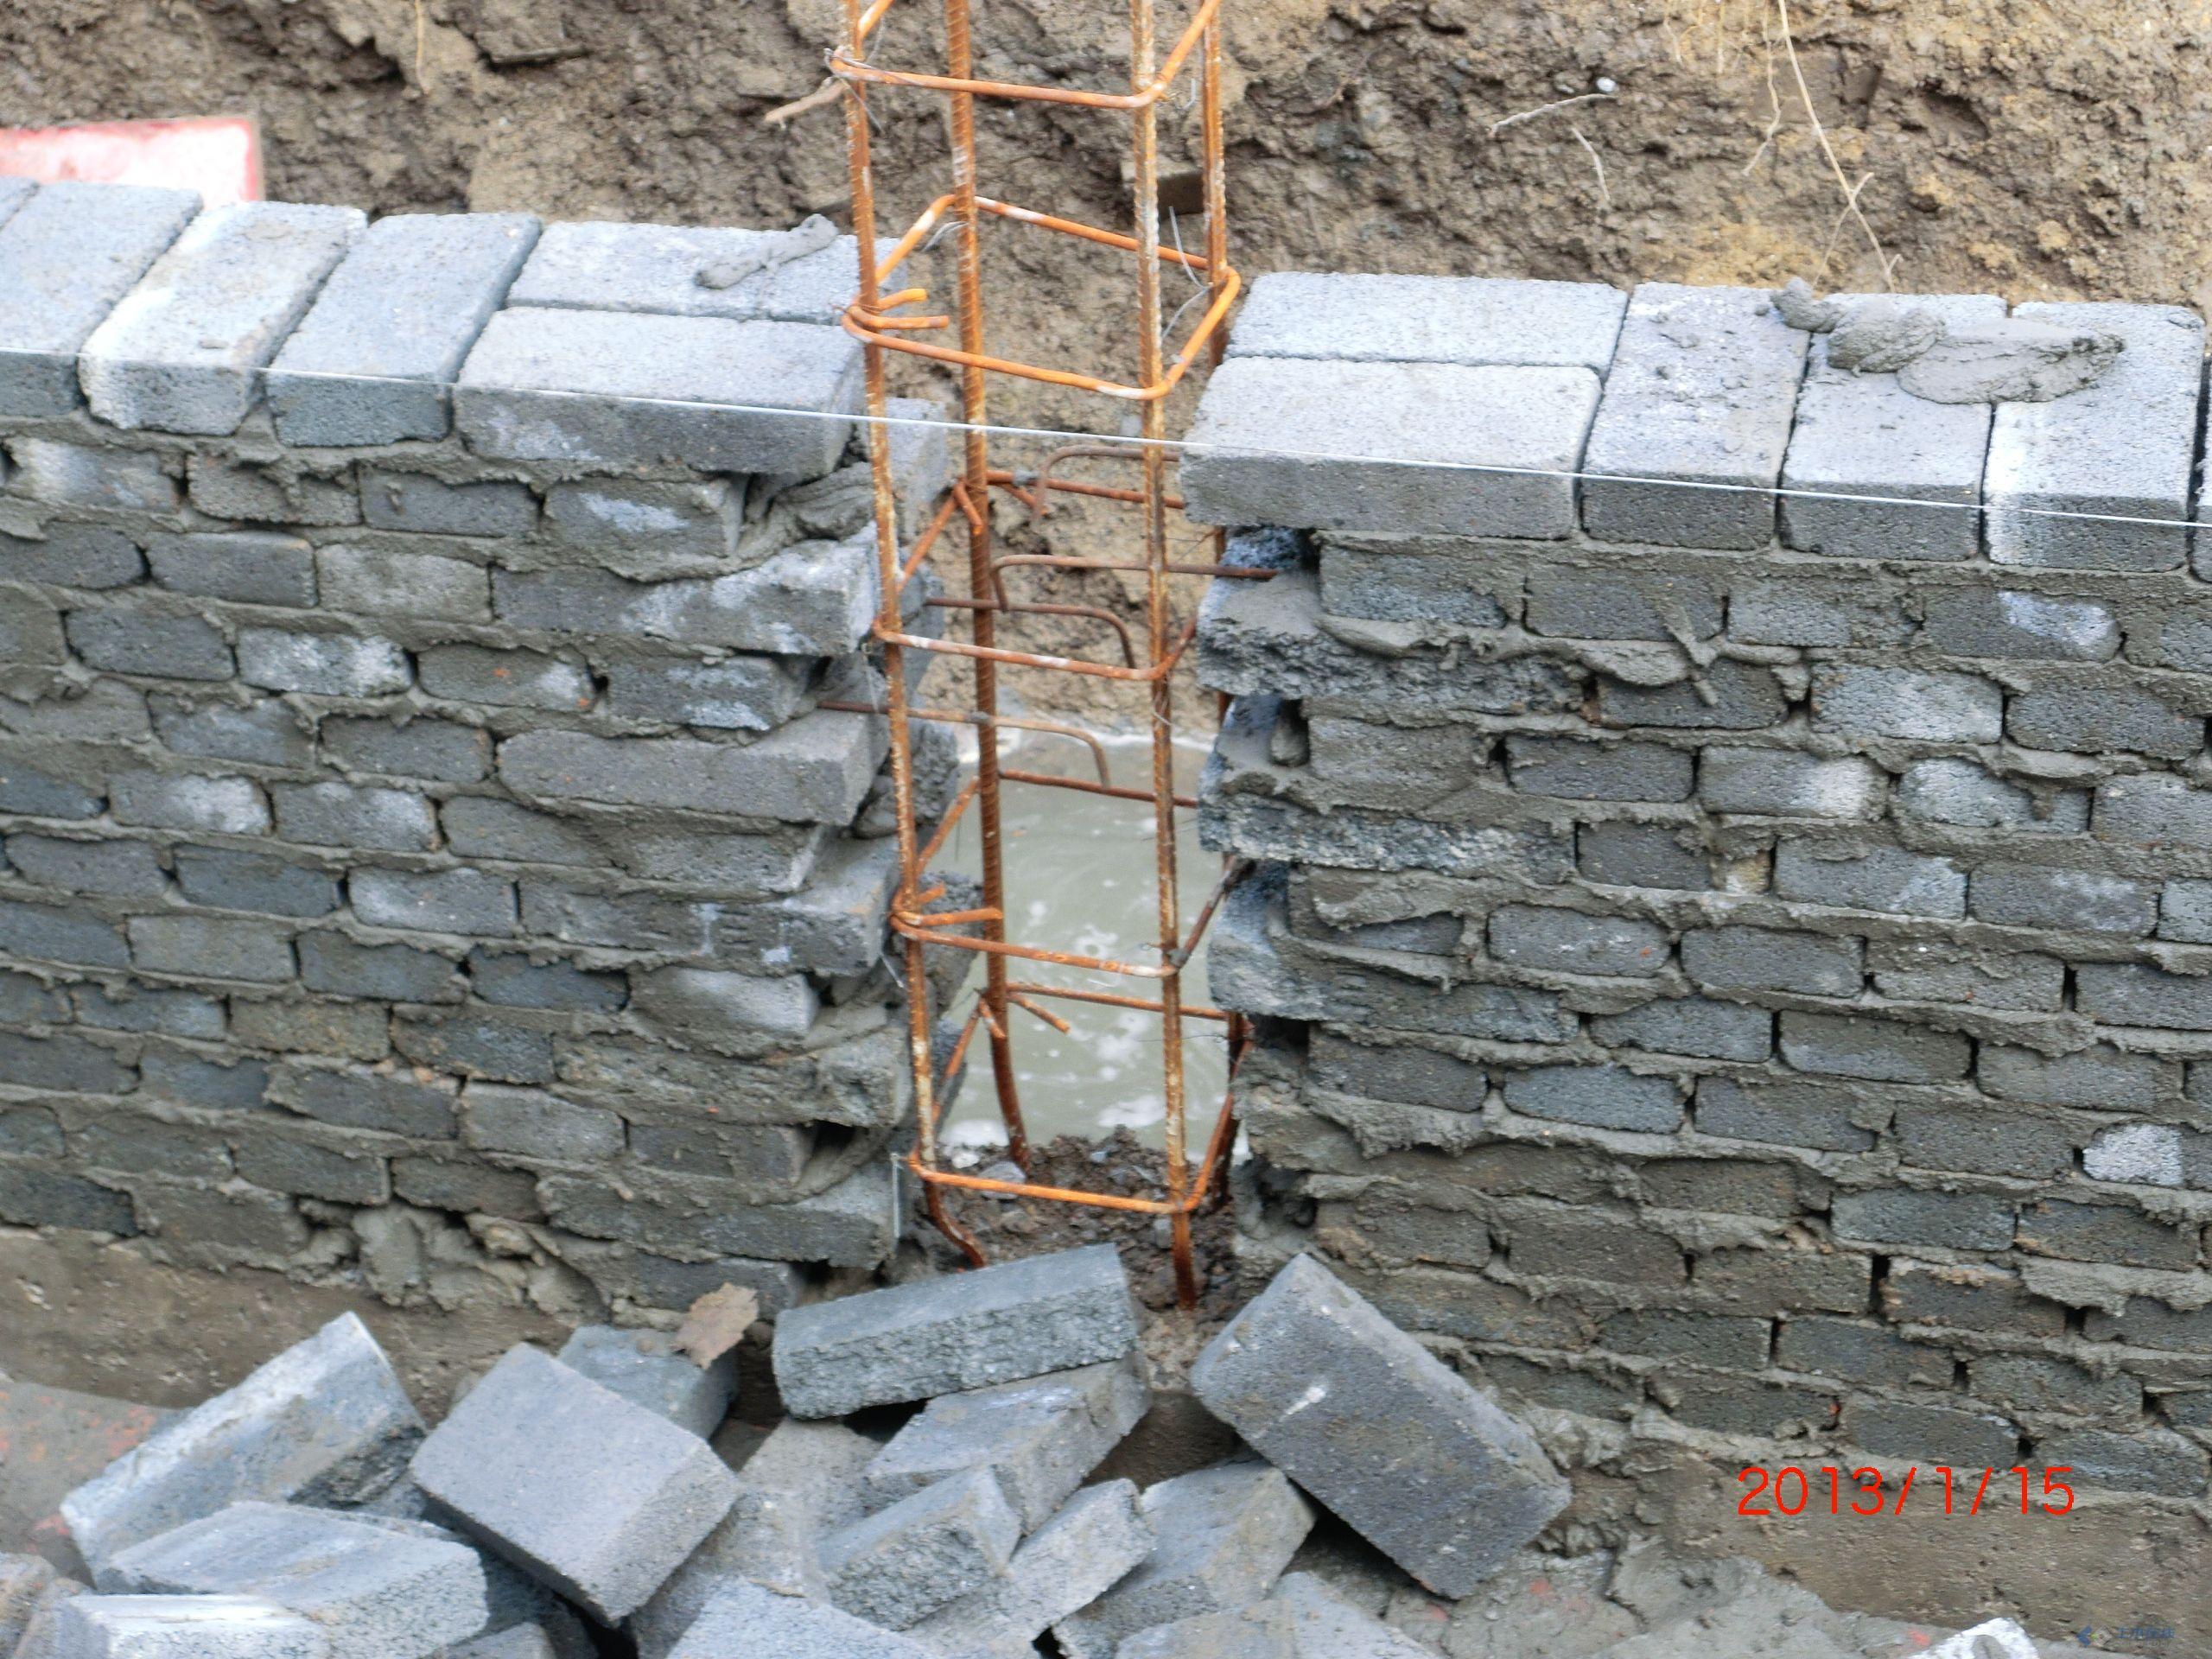 在农村看到建造的砖混结构房屋中,在构造柱处也是这样一凸一凹砌筑